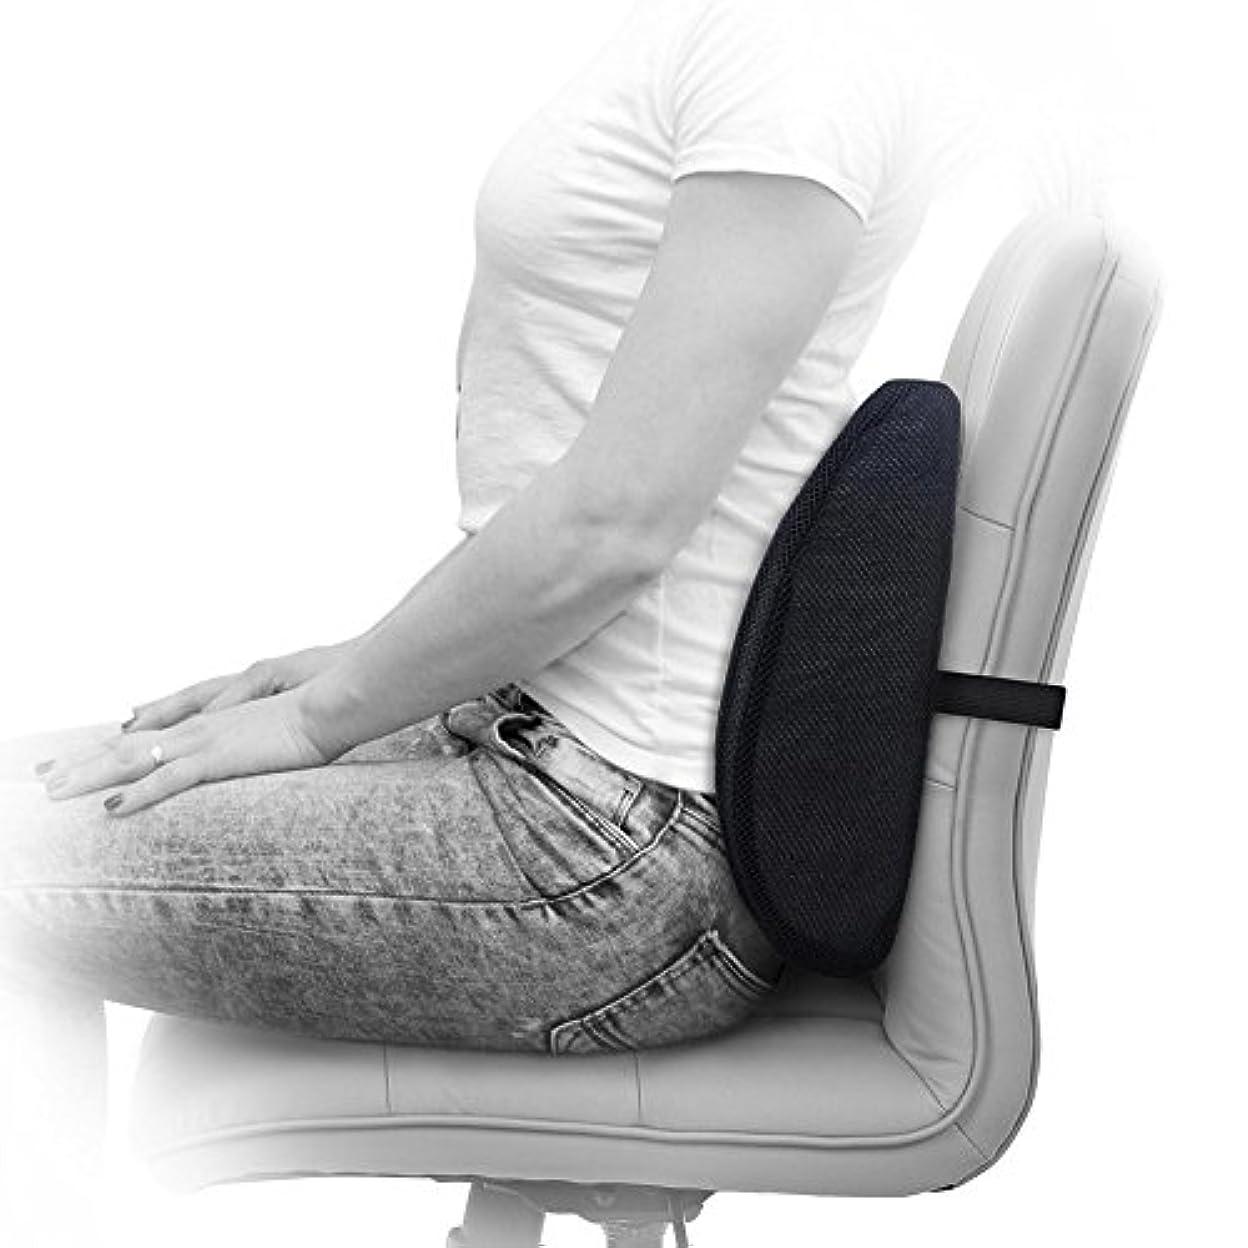 出身地シミュレートする侵入Windy 低反発クッション 背当てクッション 腰痛対策 姿勢矯正 椅子 車用 猫背 健康クッション